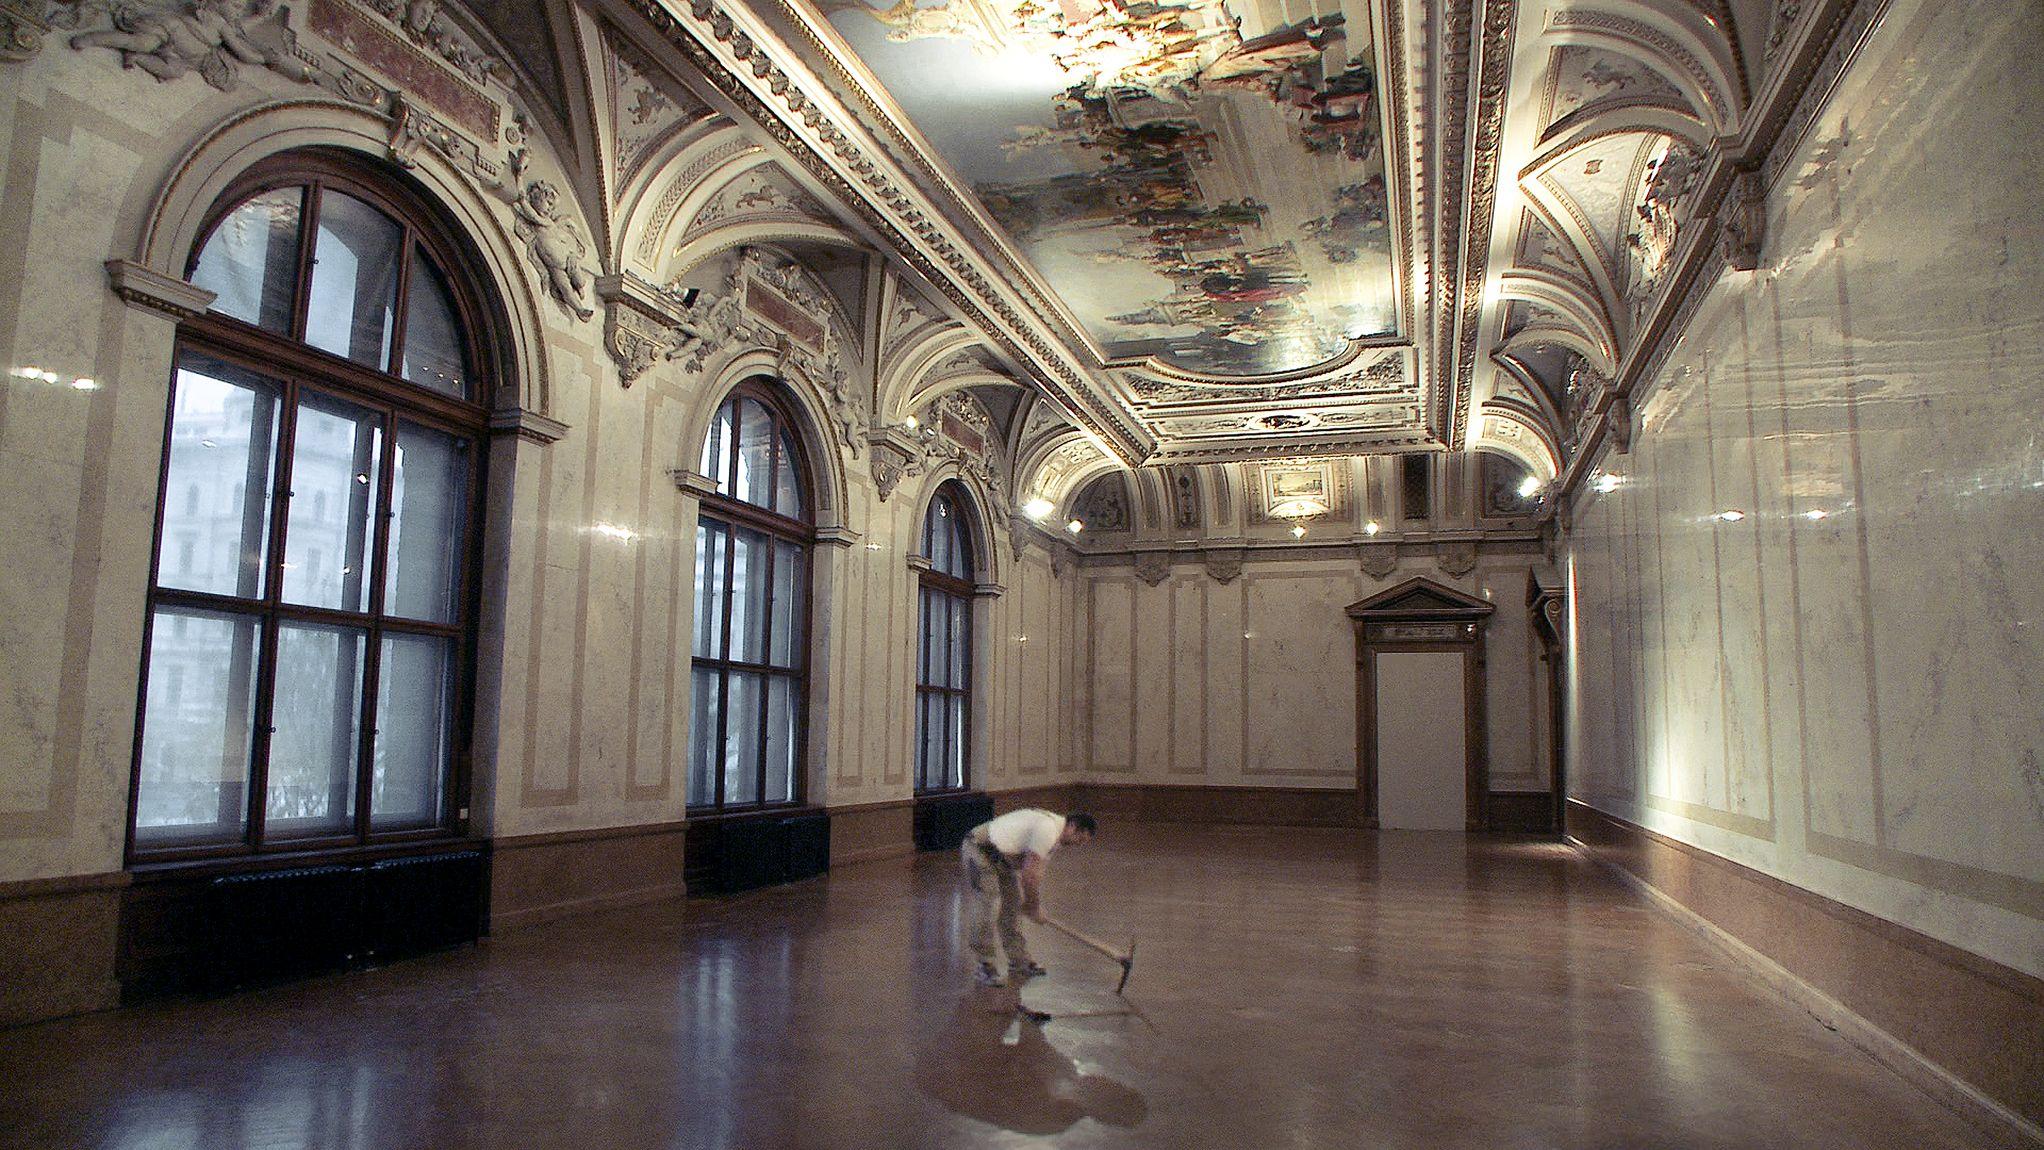 """Johannes Holzhausens beeindruckendes Institutionsporträt """"Das große Museum"""" über das Kunsthistorische Museum Wien KHM eröffnet die heurige Diagonale Festival des österreichischen Films."""